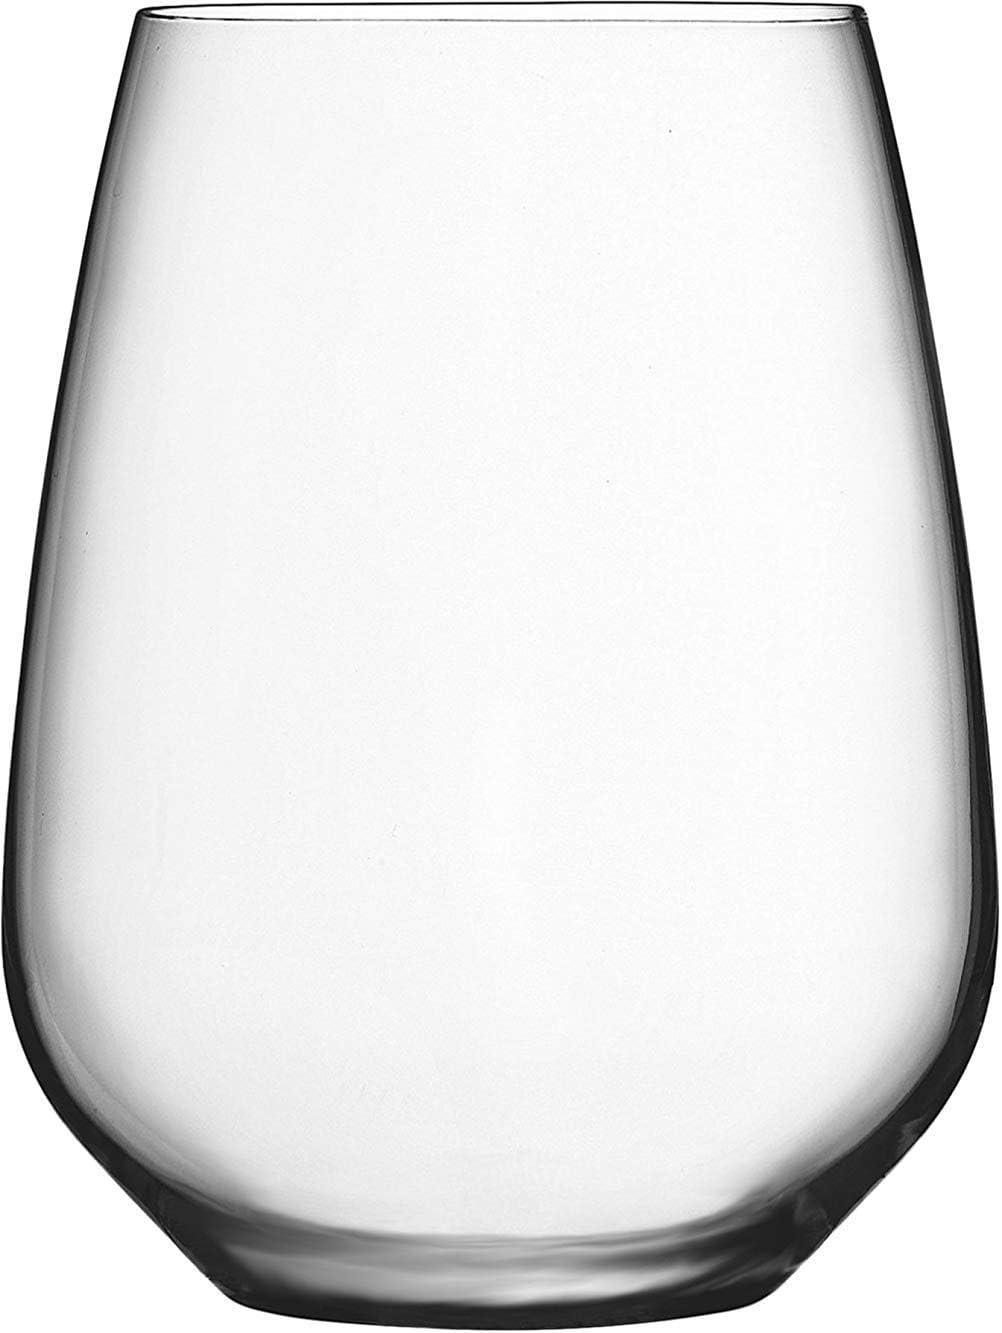 Circleware 44573 Capri Set of 6-15 oz. Stemless Wine Glasses Home and Kitchen Utensils, 6